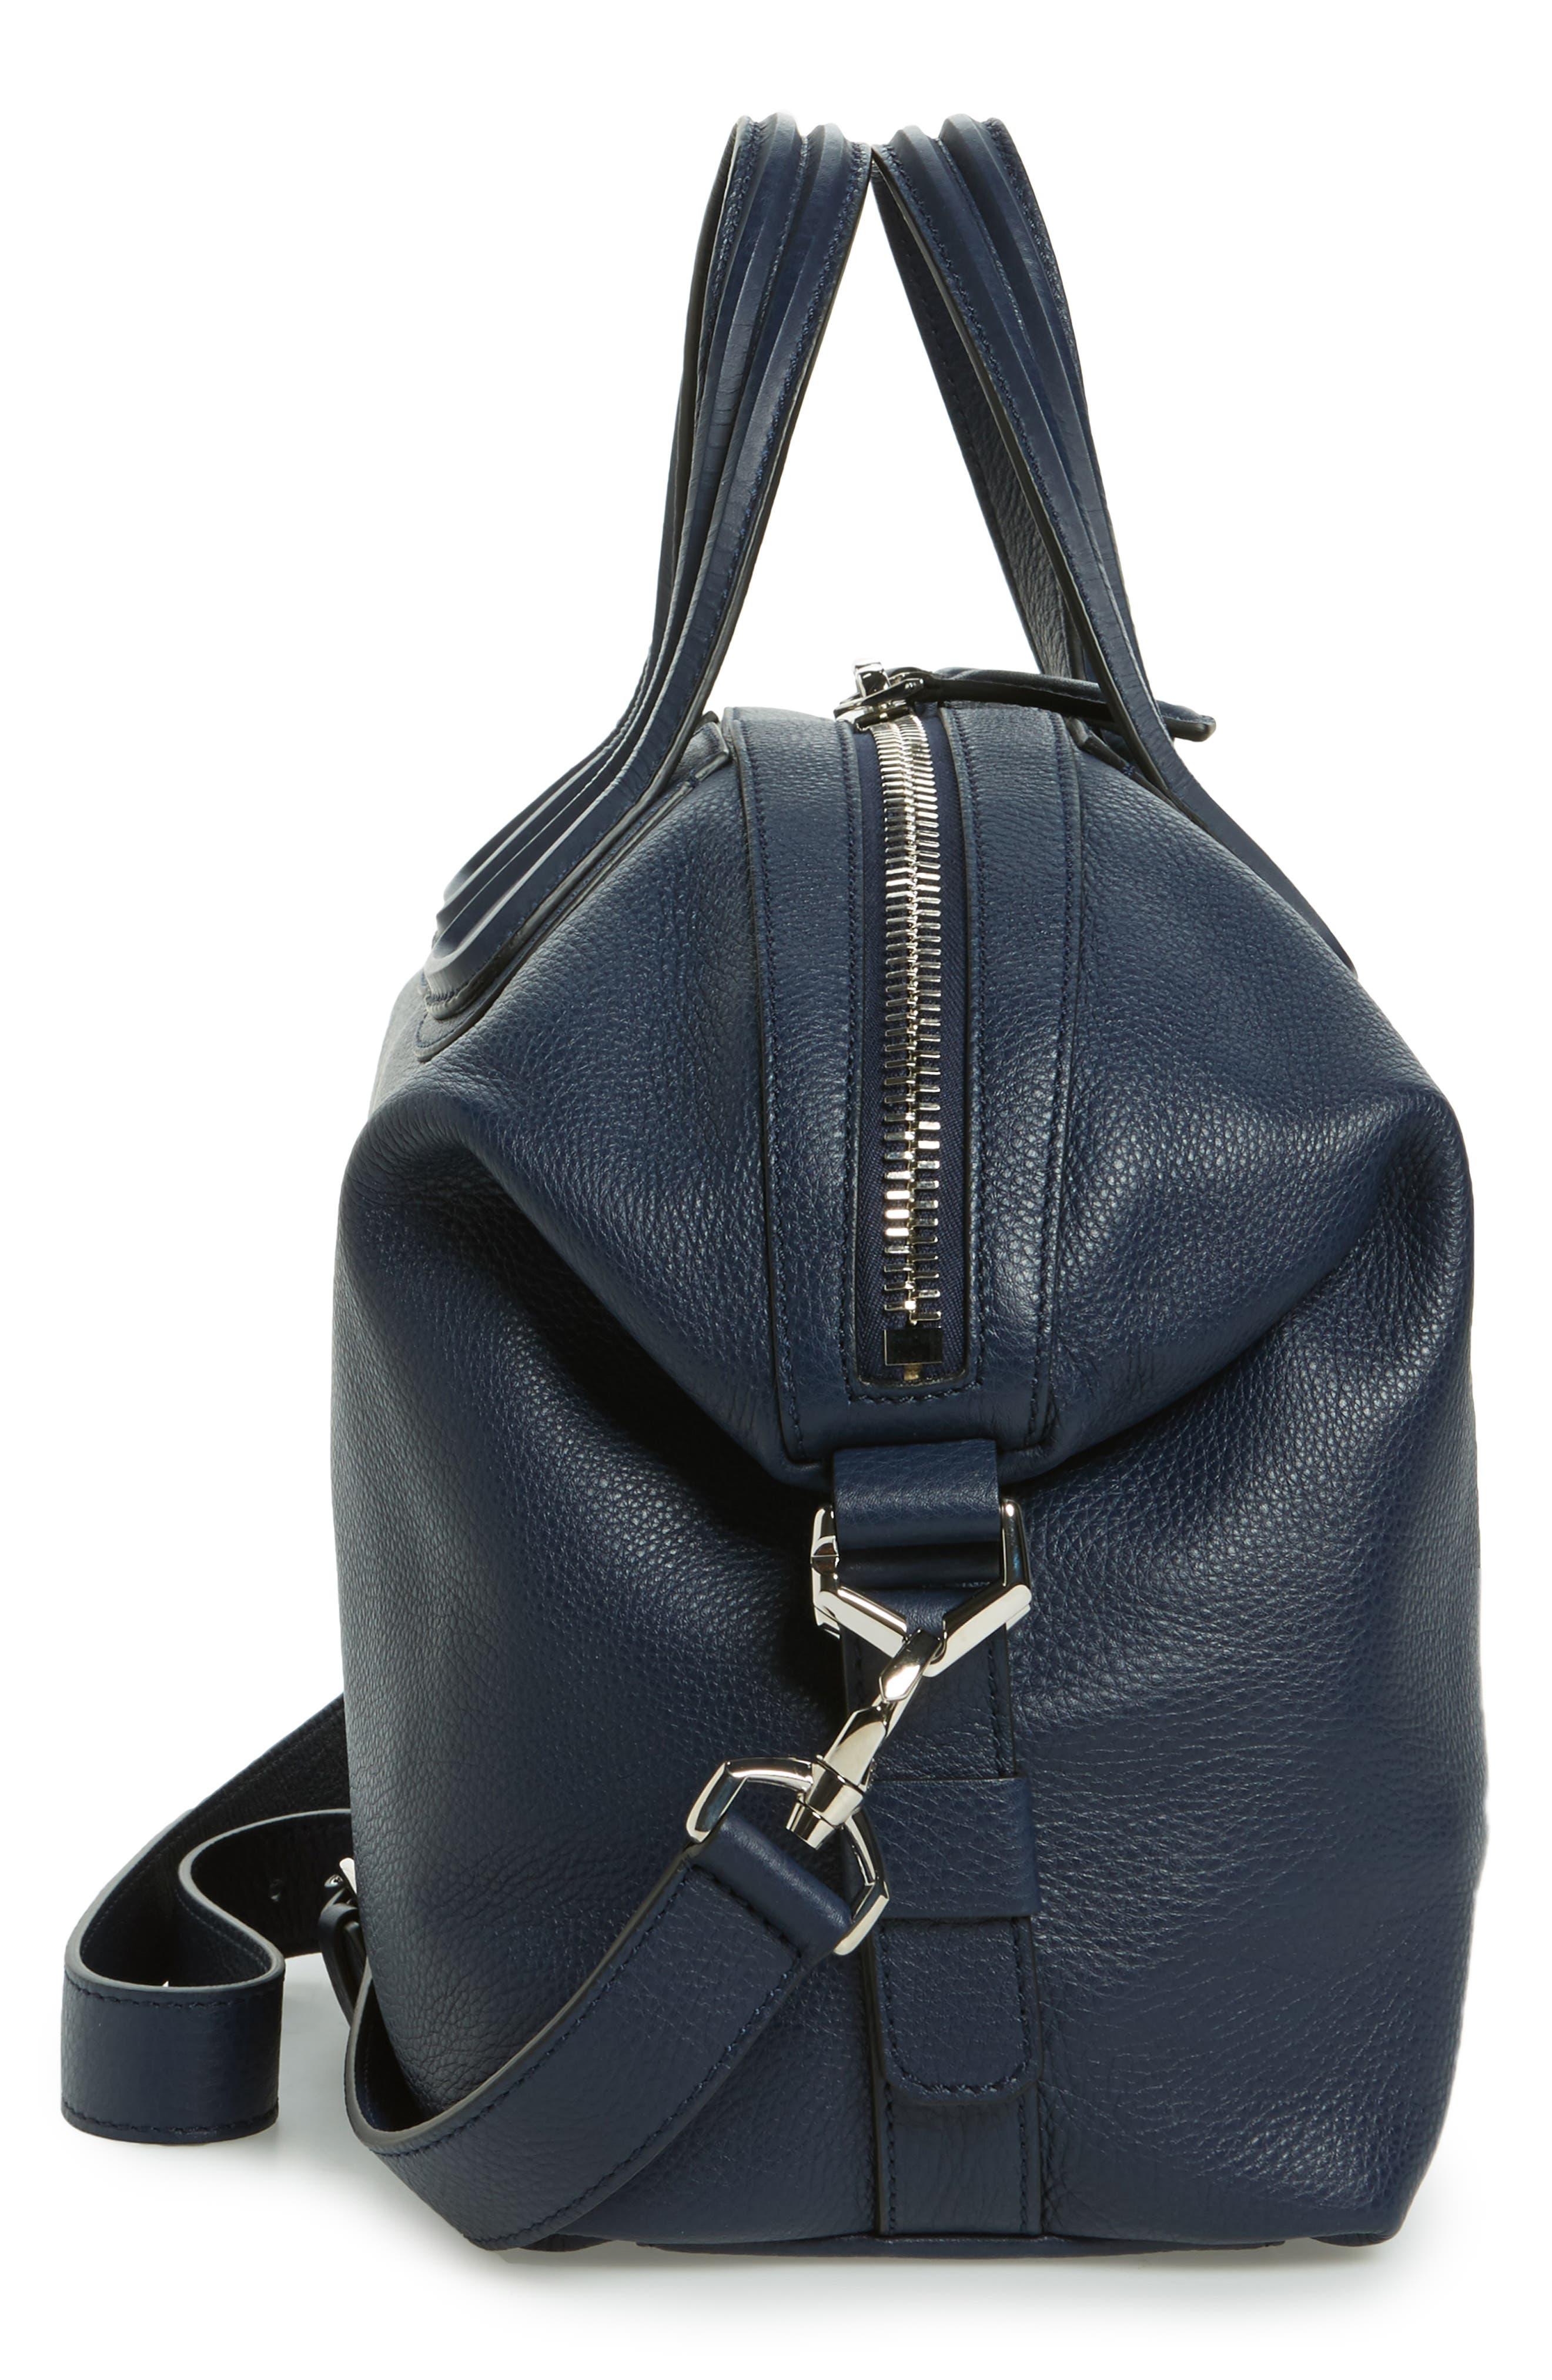 Alternate Image 3  - Givenchy 'Medium Nightingale' Calfskin Leather Satchel